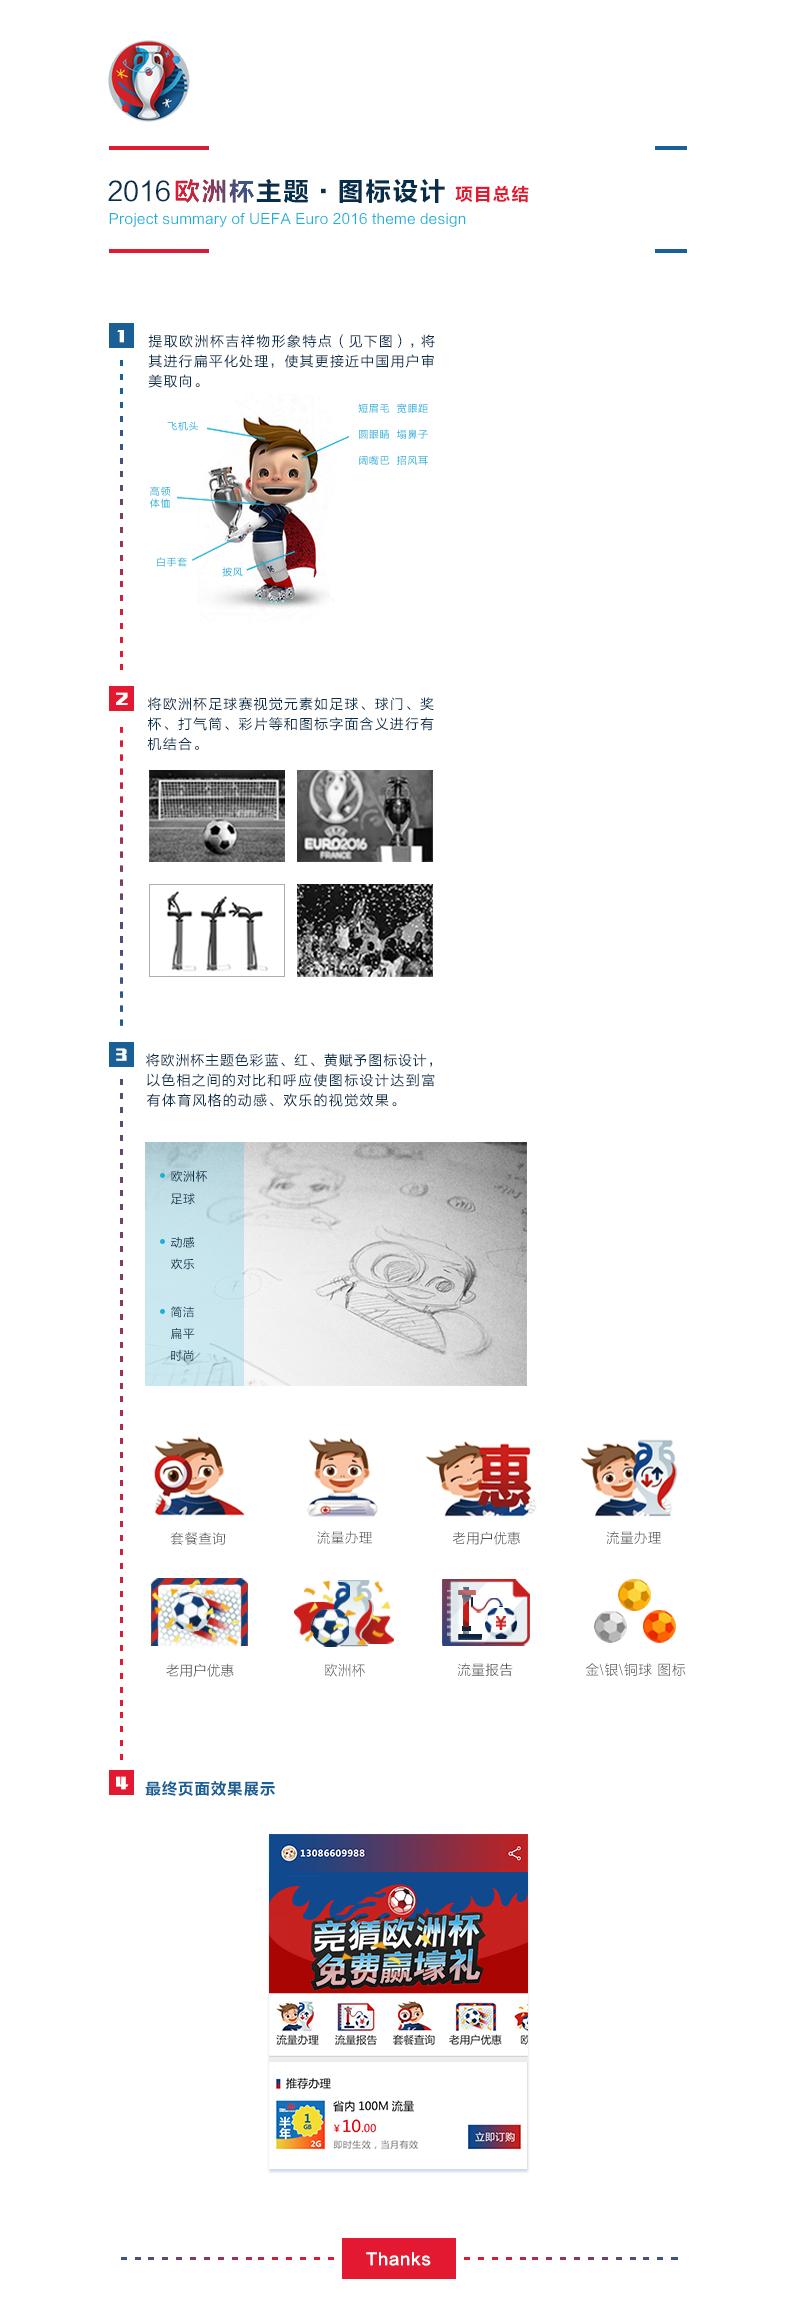 查看《欧洲杯主题图标设计》原图,原图尺寸:800x2323